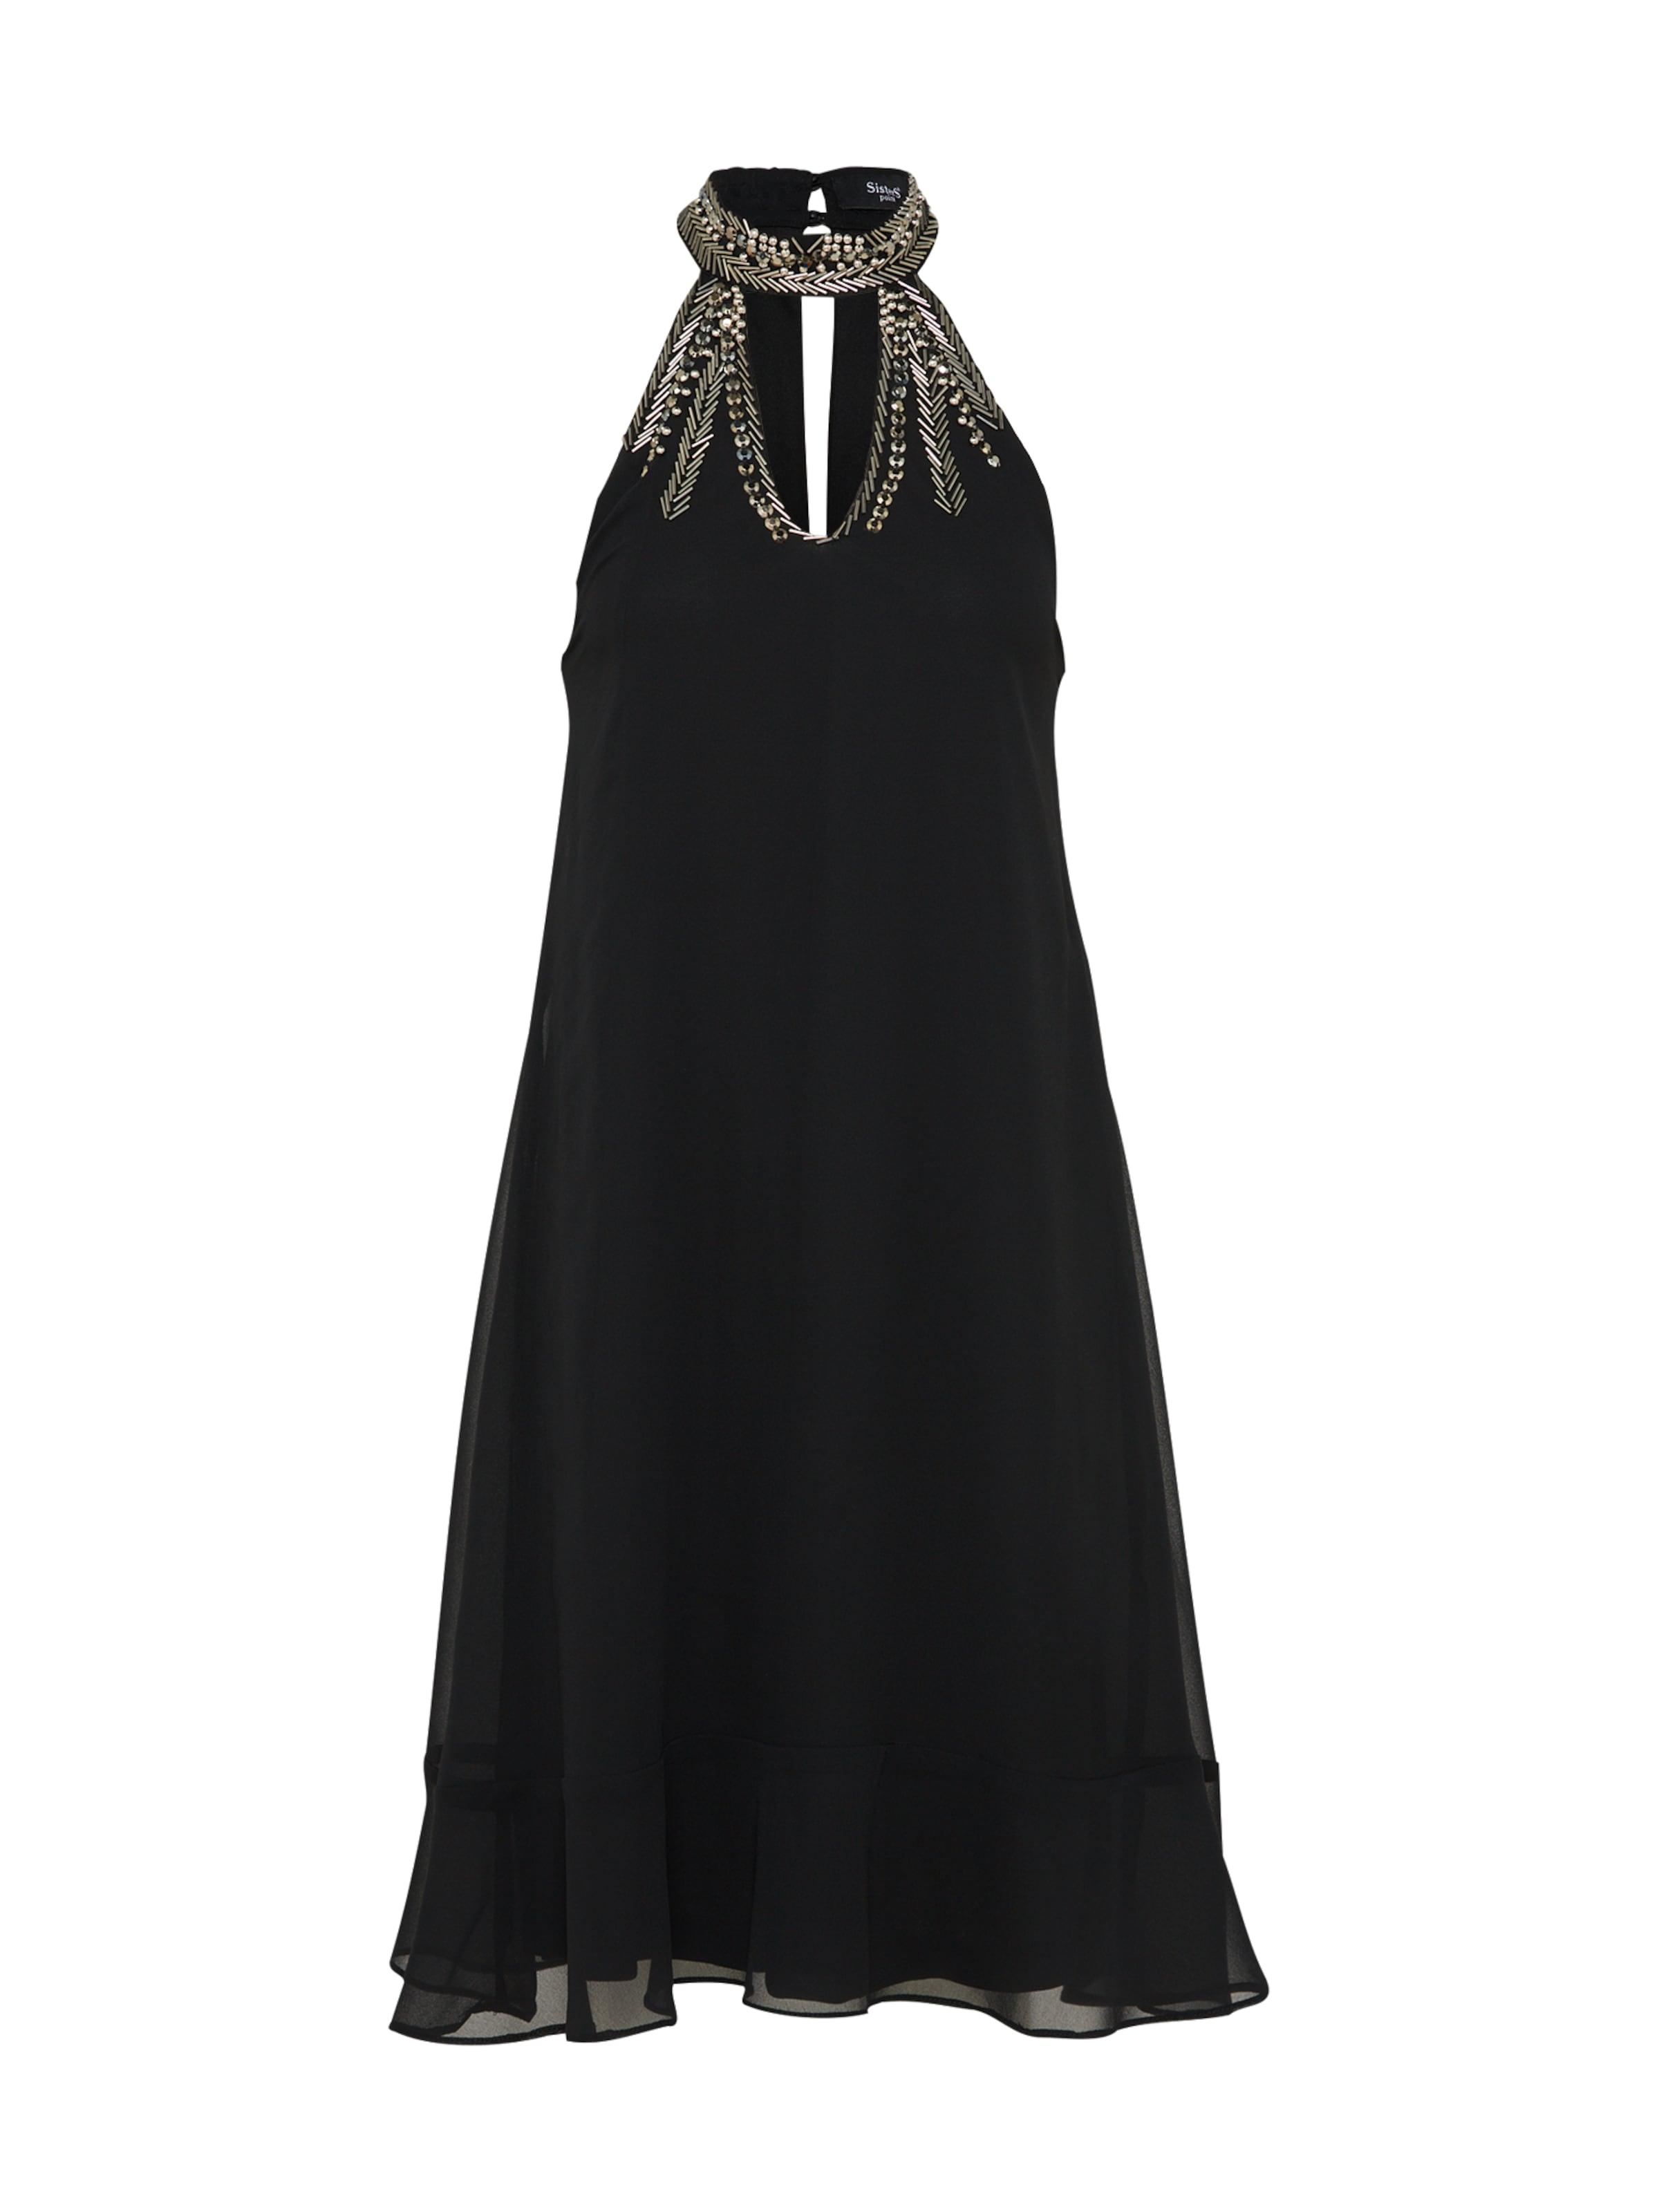 De Cocktail Sisters Point En Noir 'nago' Robe 3cluTKJF1